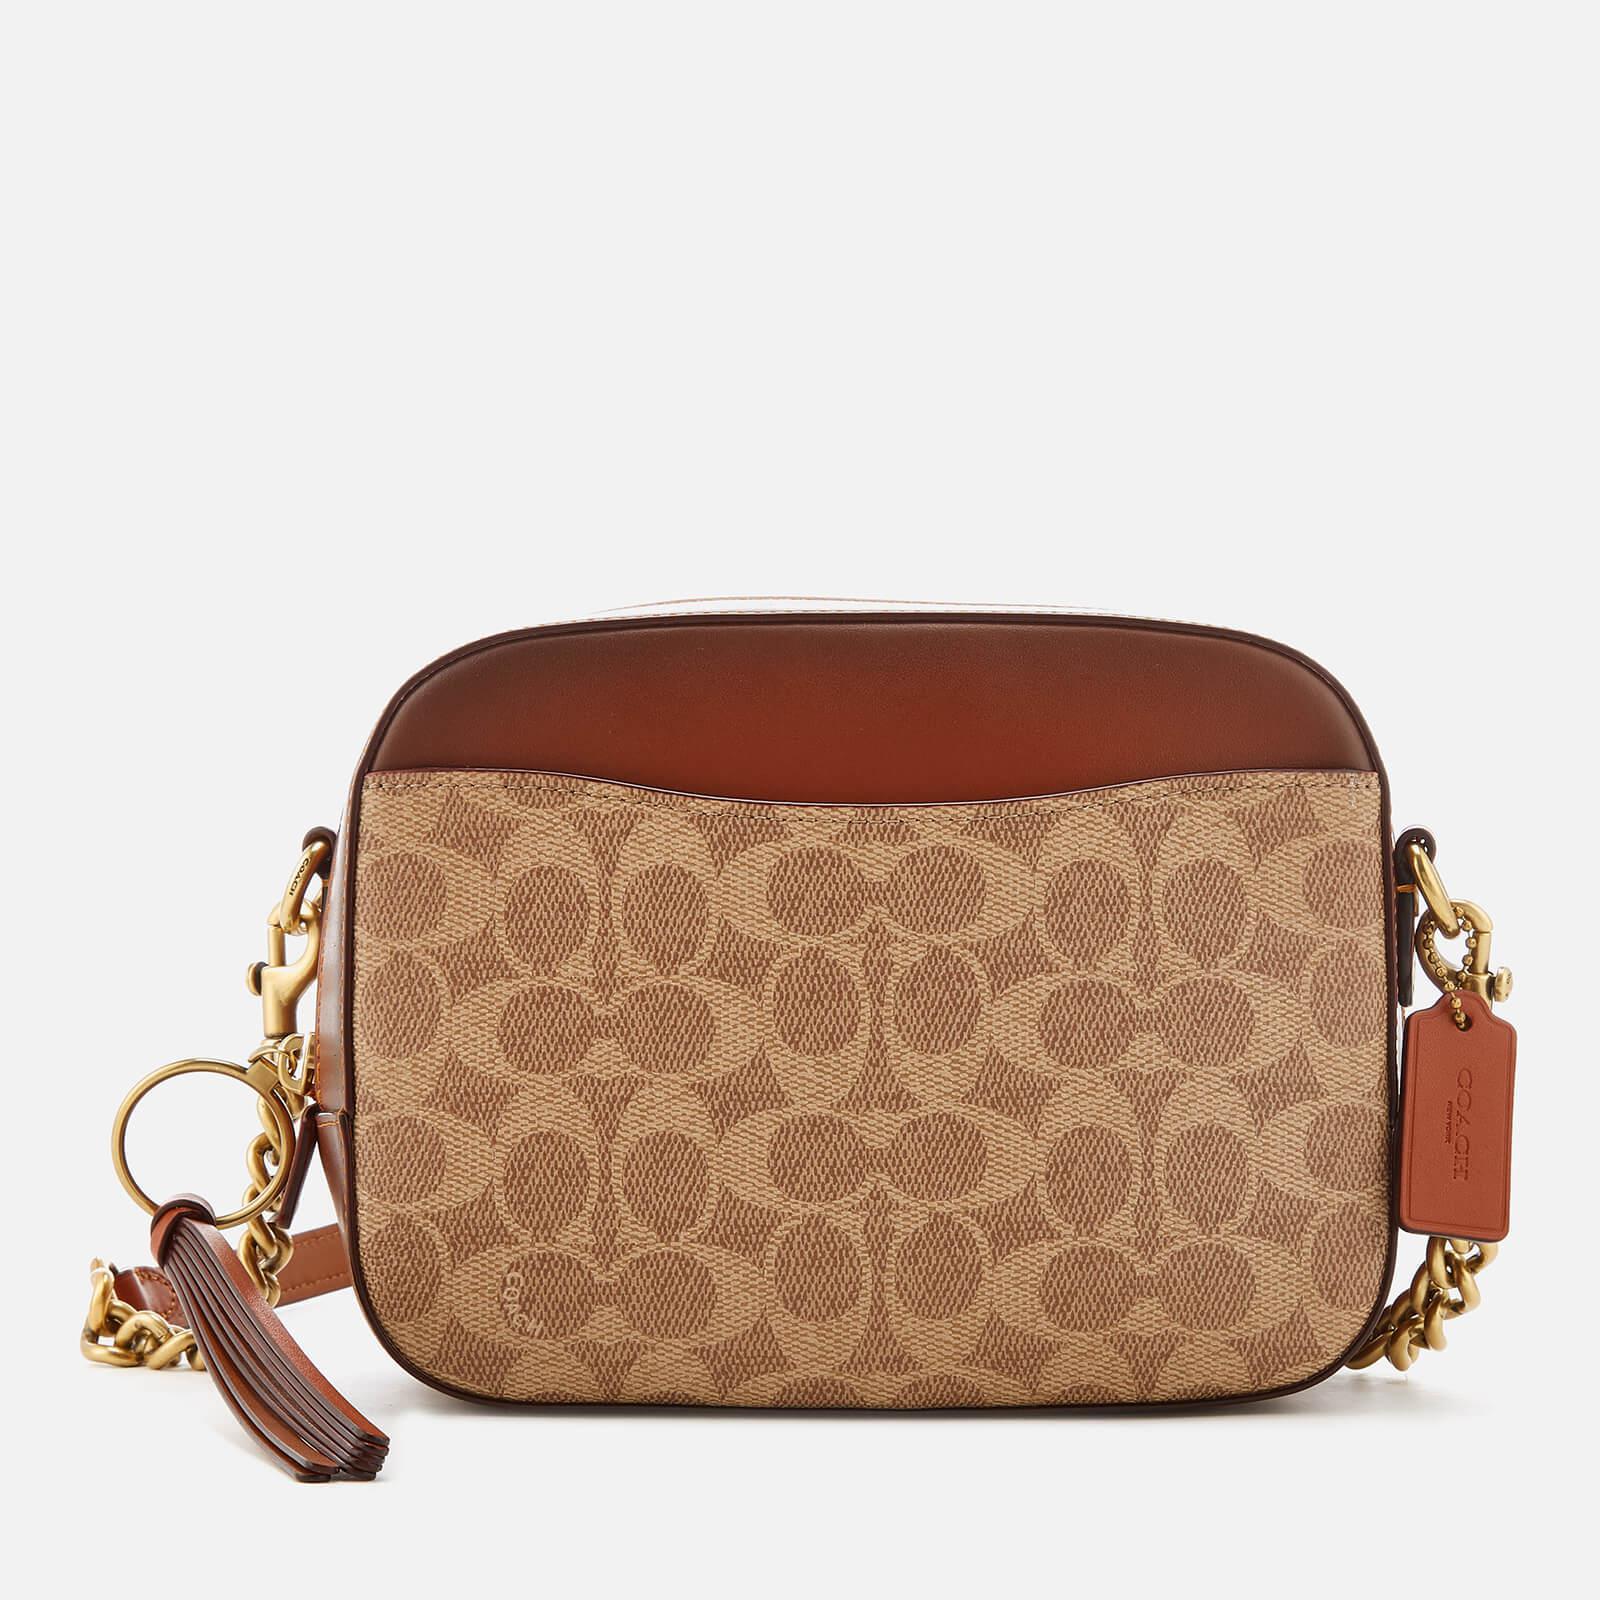 Lyst - Coach Camera Bag in Brown